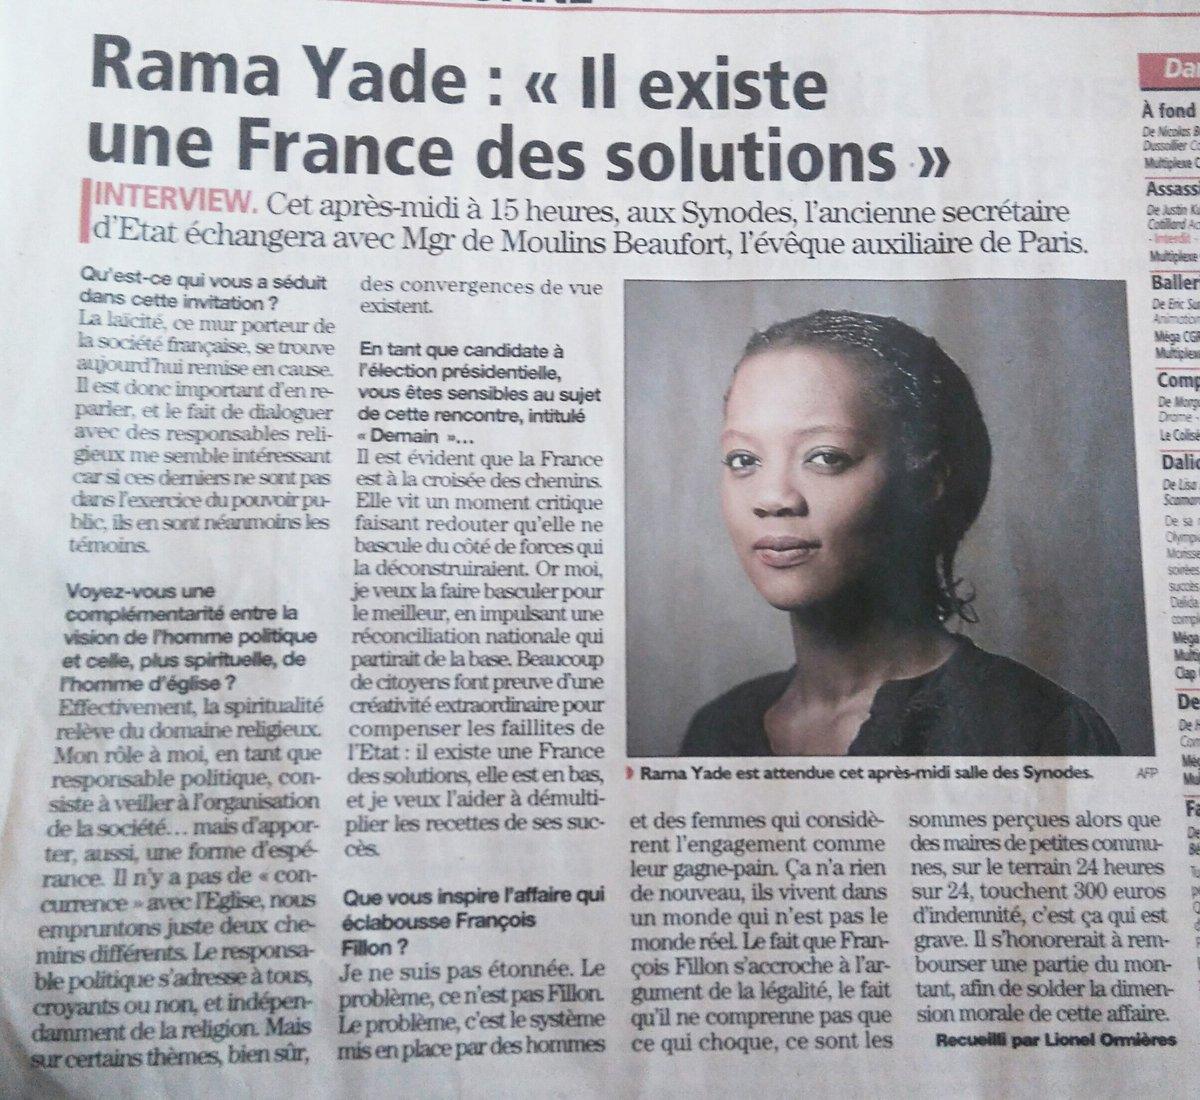 #AUDE. @ramayade aujourd&#39;hui à #Narbonne, à la rencontre de la France des solutions. In #MidiLibre @AudeQuiOse #Presidentielle2017 #Rama2017<br>http://pic.twitter.com/dKcGWTIyzn